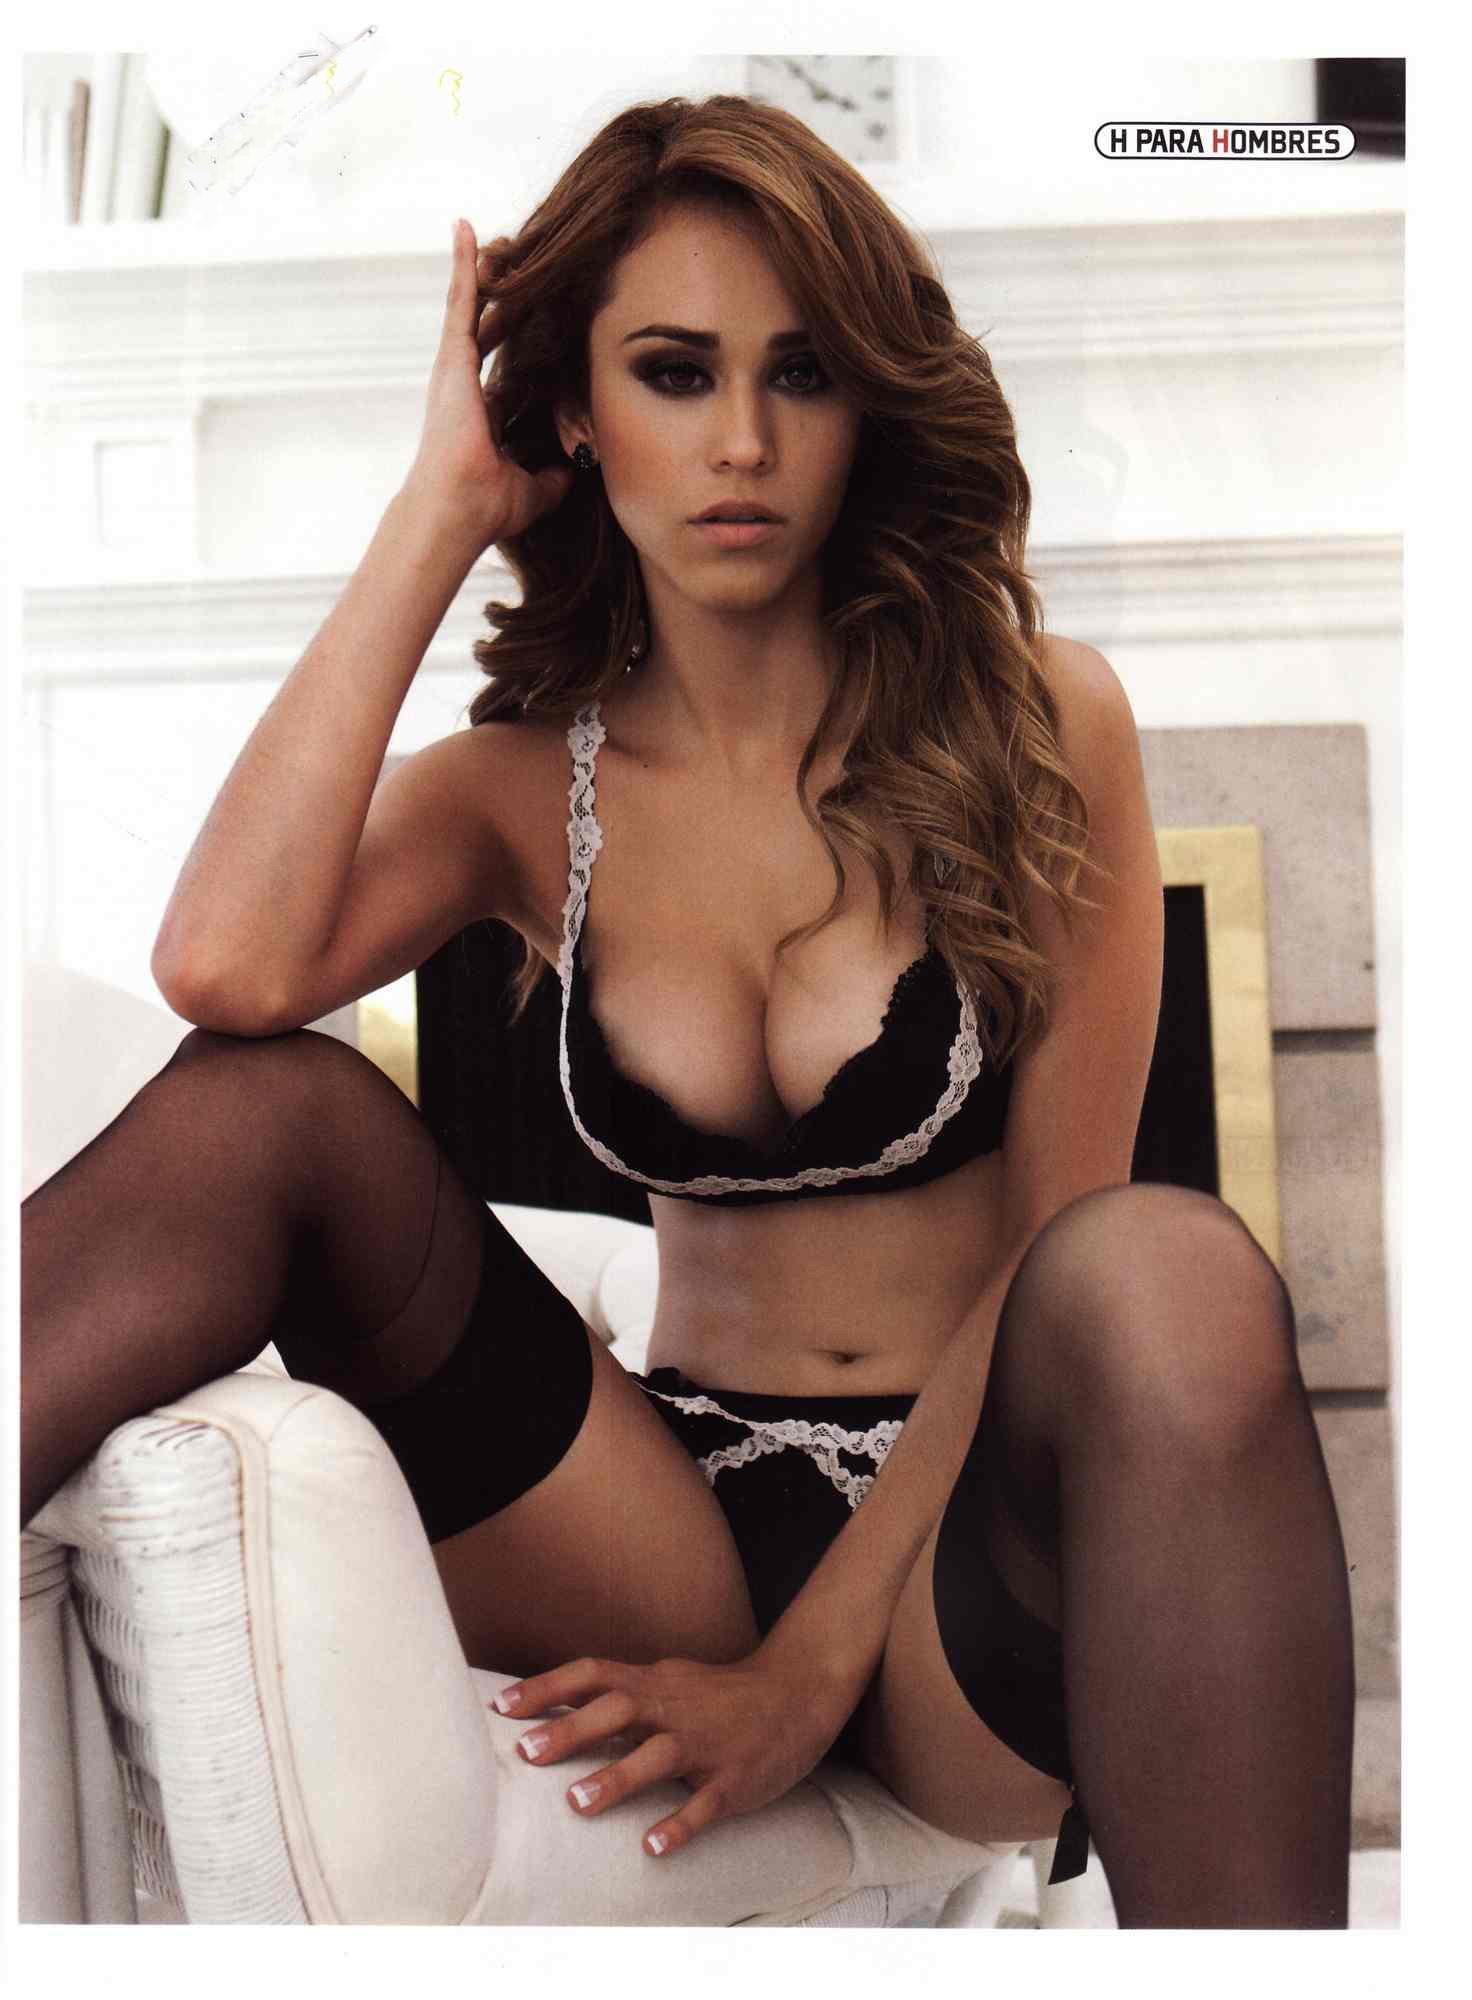 porn videos de Yanet Garcia sin ropa